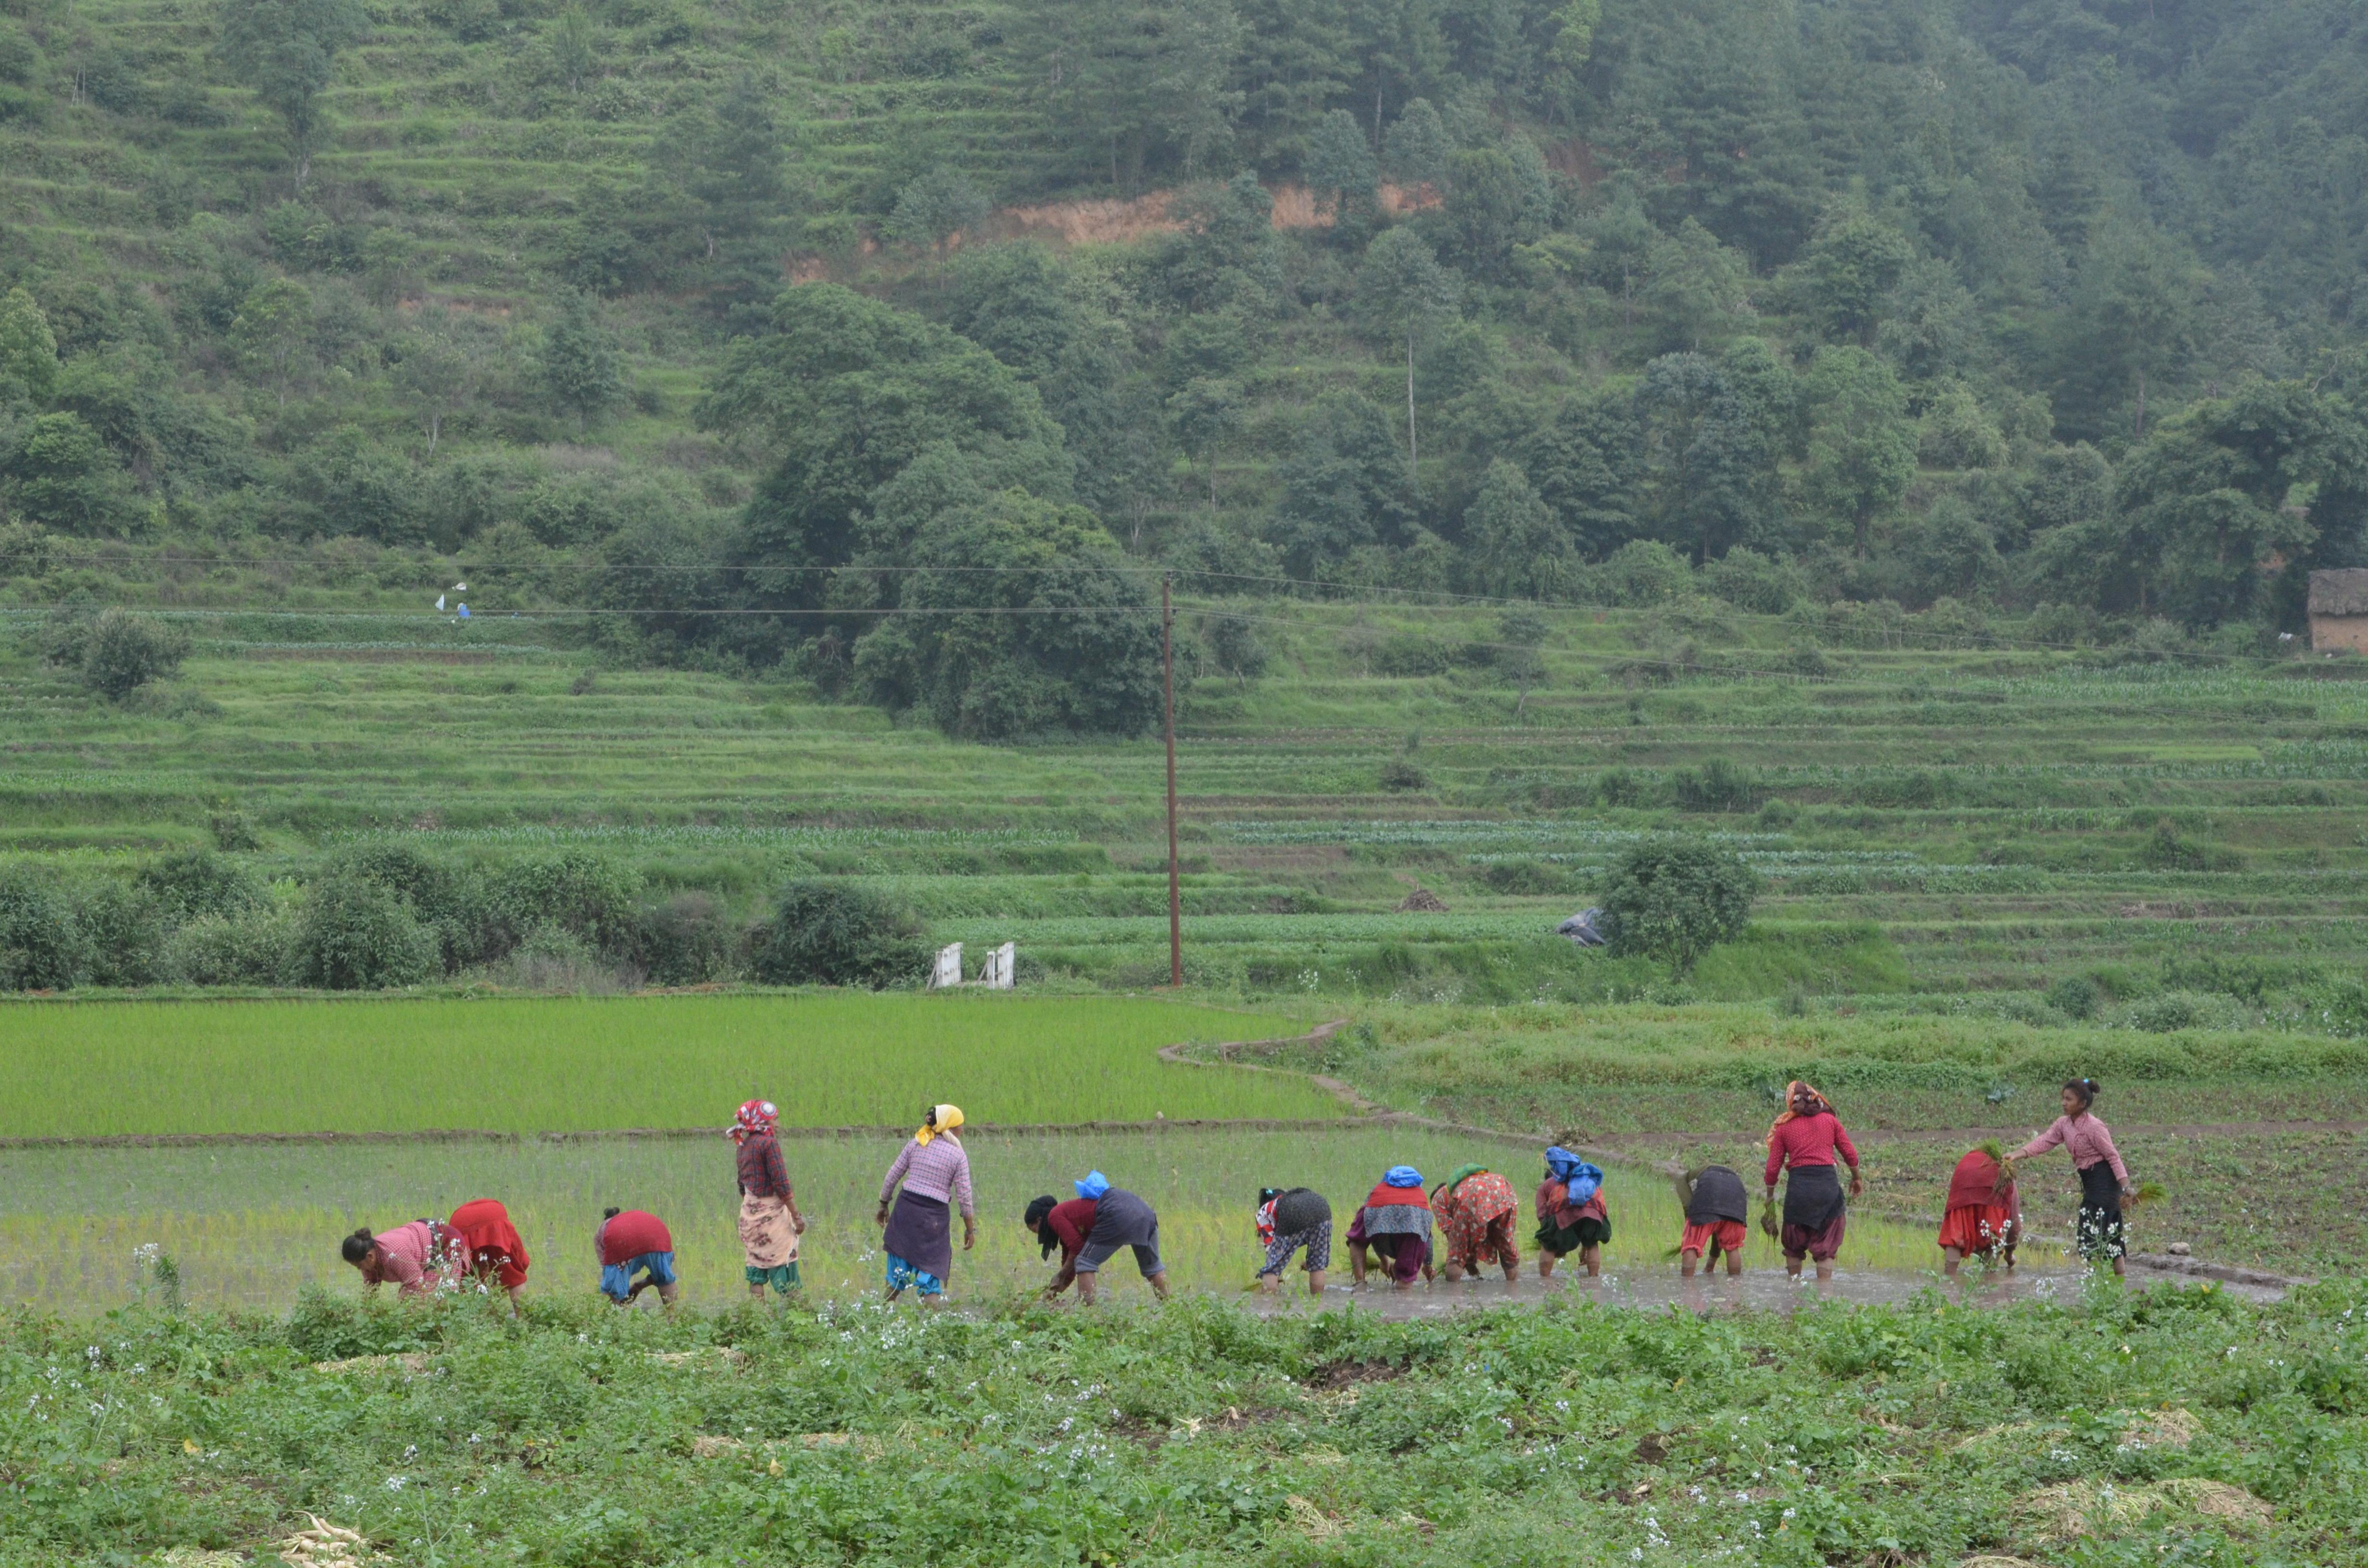 File:Farming in Nepal jpg - Wikimedia Commons